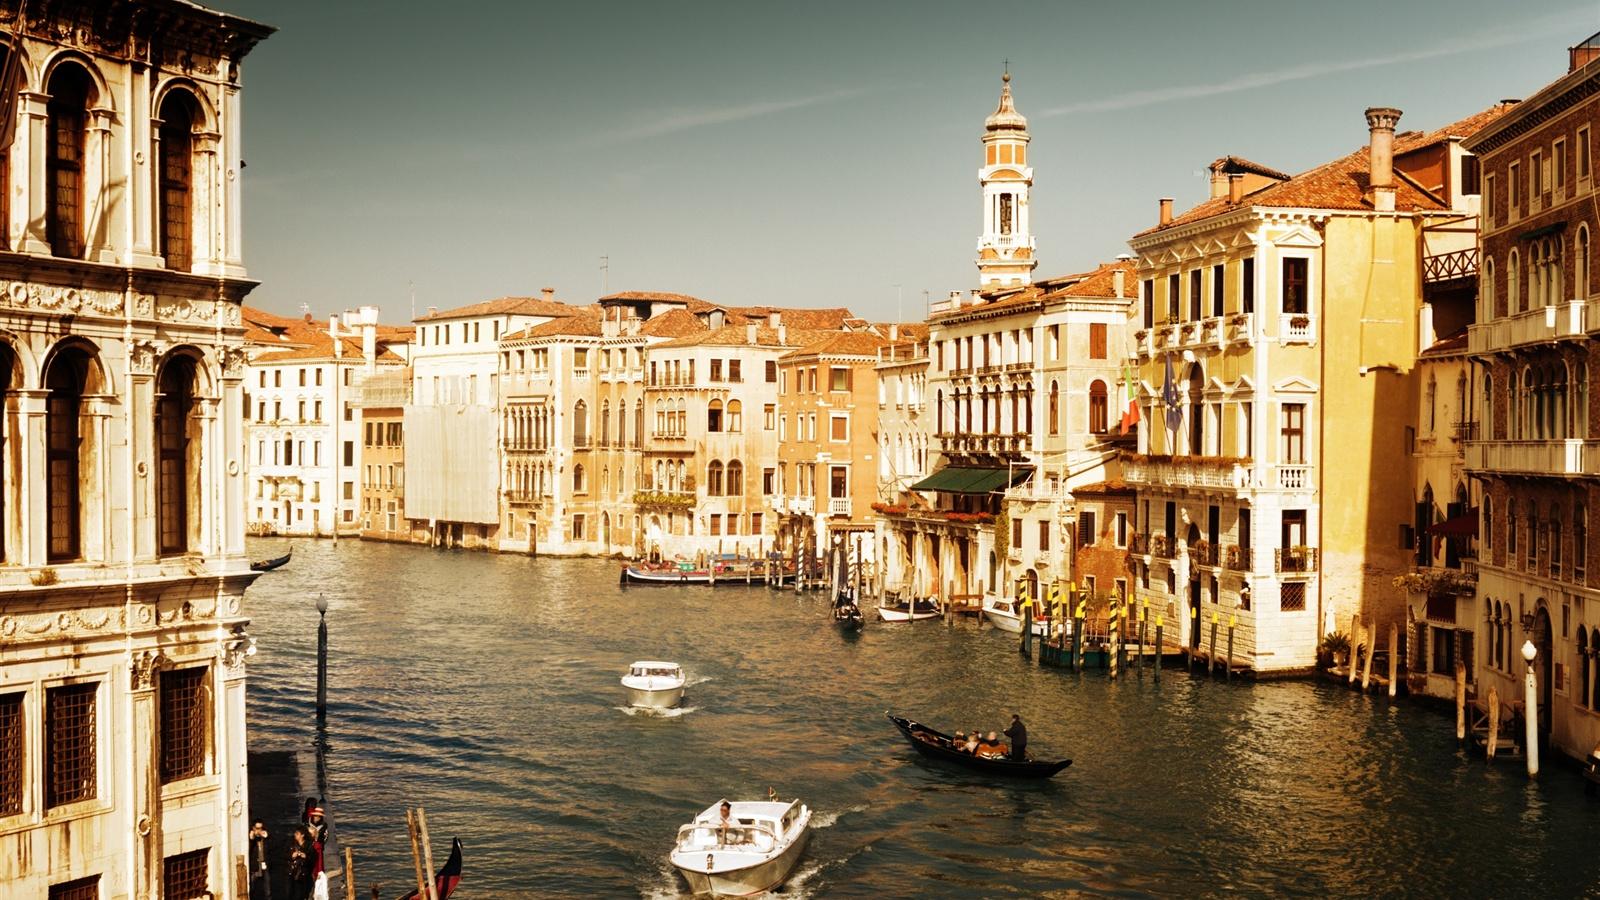 Hd Best Wallpapers For Iphone 壁紙 観光地、イタリア、ヴェネツィア、ウォータータウン 2560x1920 Hd 無料のデスクトップの背景 画像